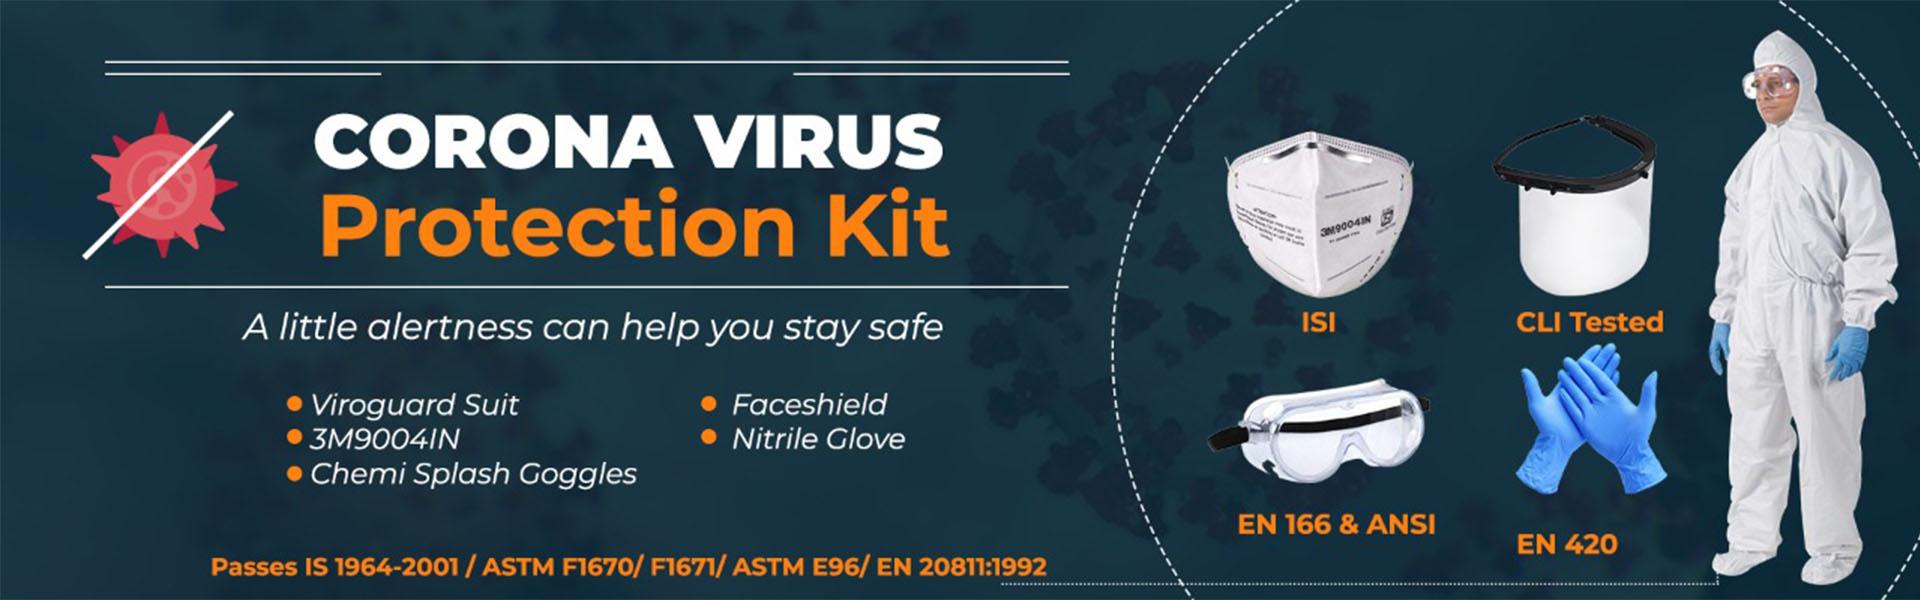 CoronavirusProtectionKit